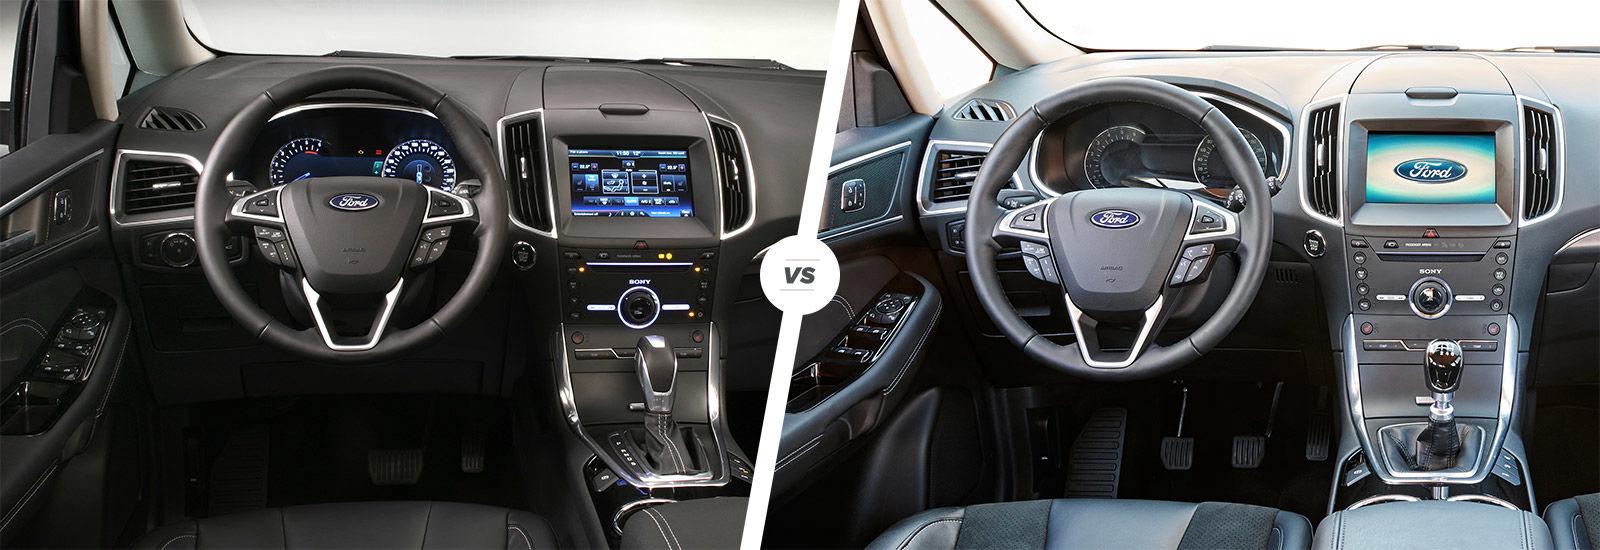 Ford galaxy vs ford s max comparison carwow for Max interior